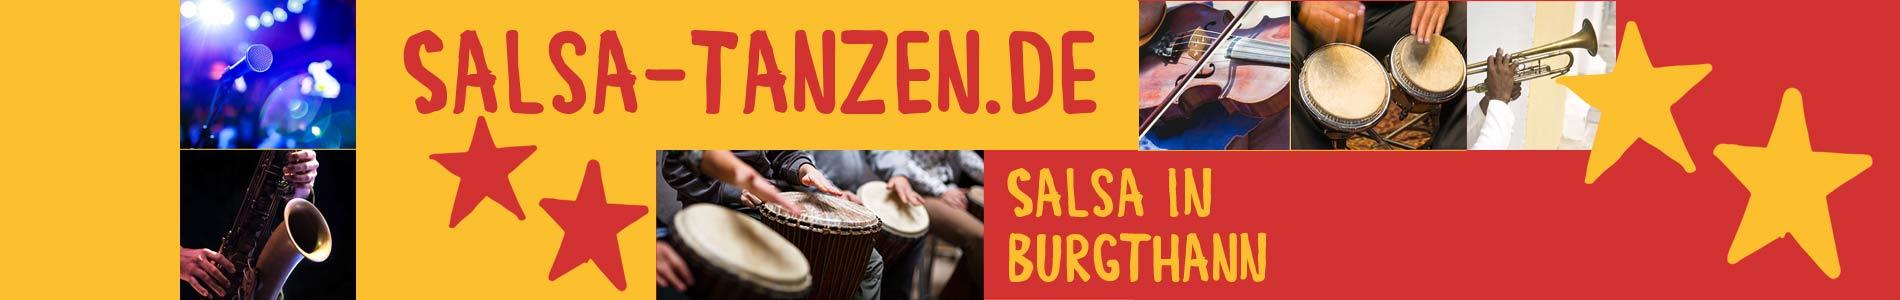 Salsa in Burgthann – Salsa lernen und tanzen, Tanzkurse, Partys, Veranstaltungen